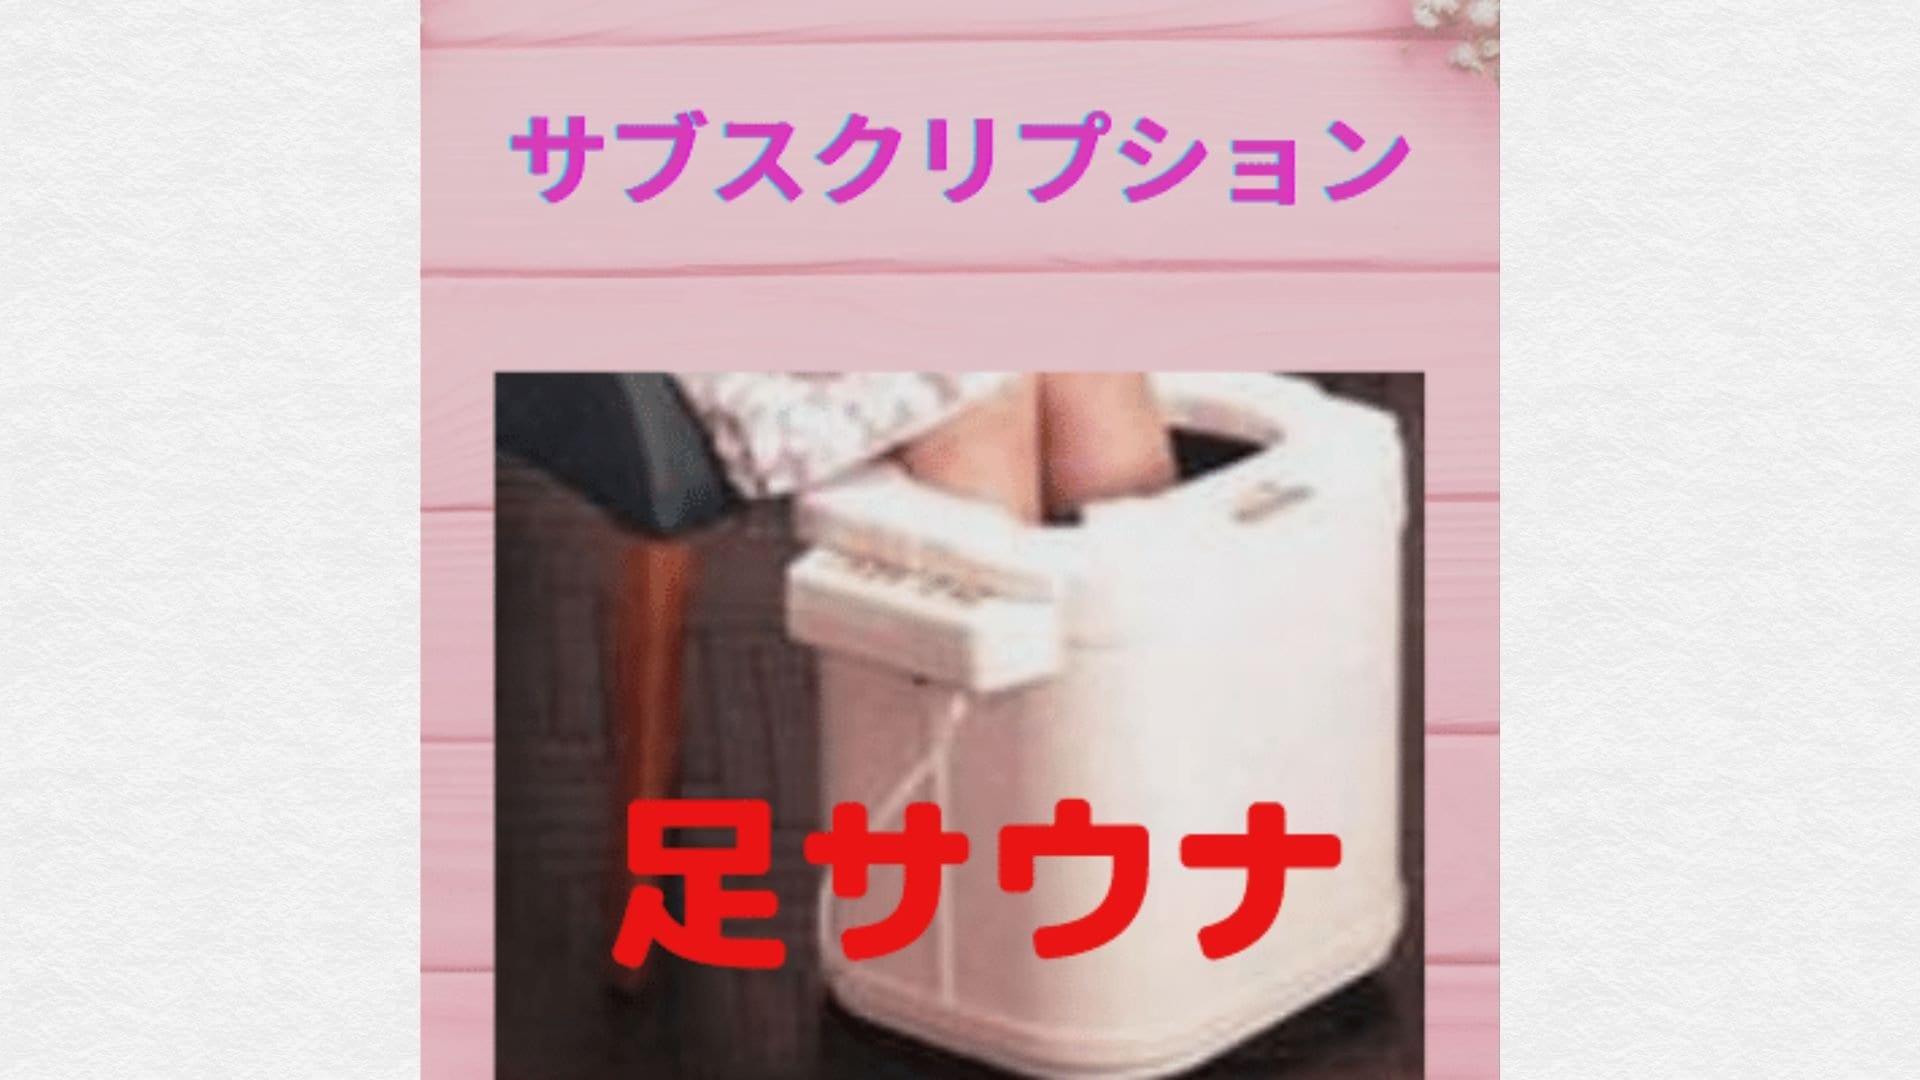 サブスクリプション☆足サウナのイメージその1